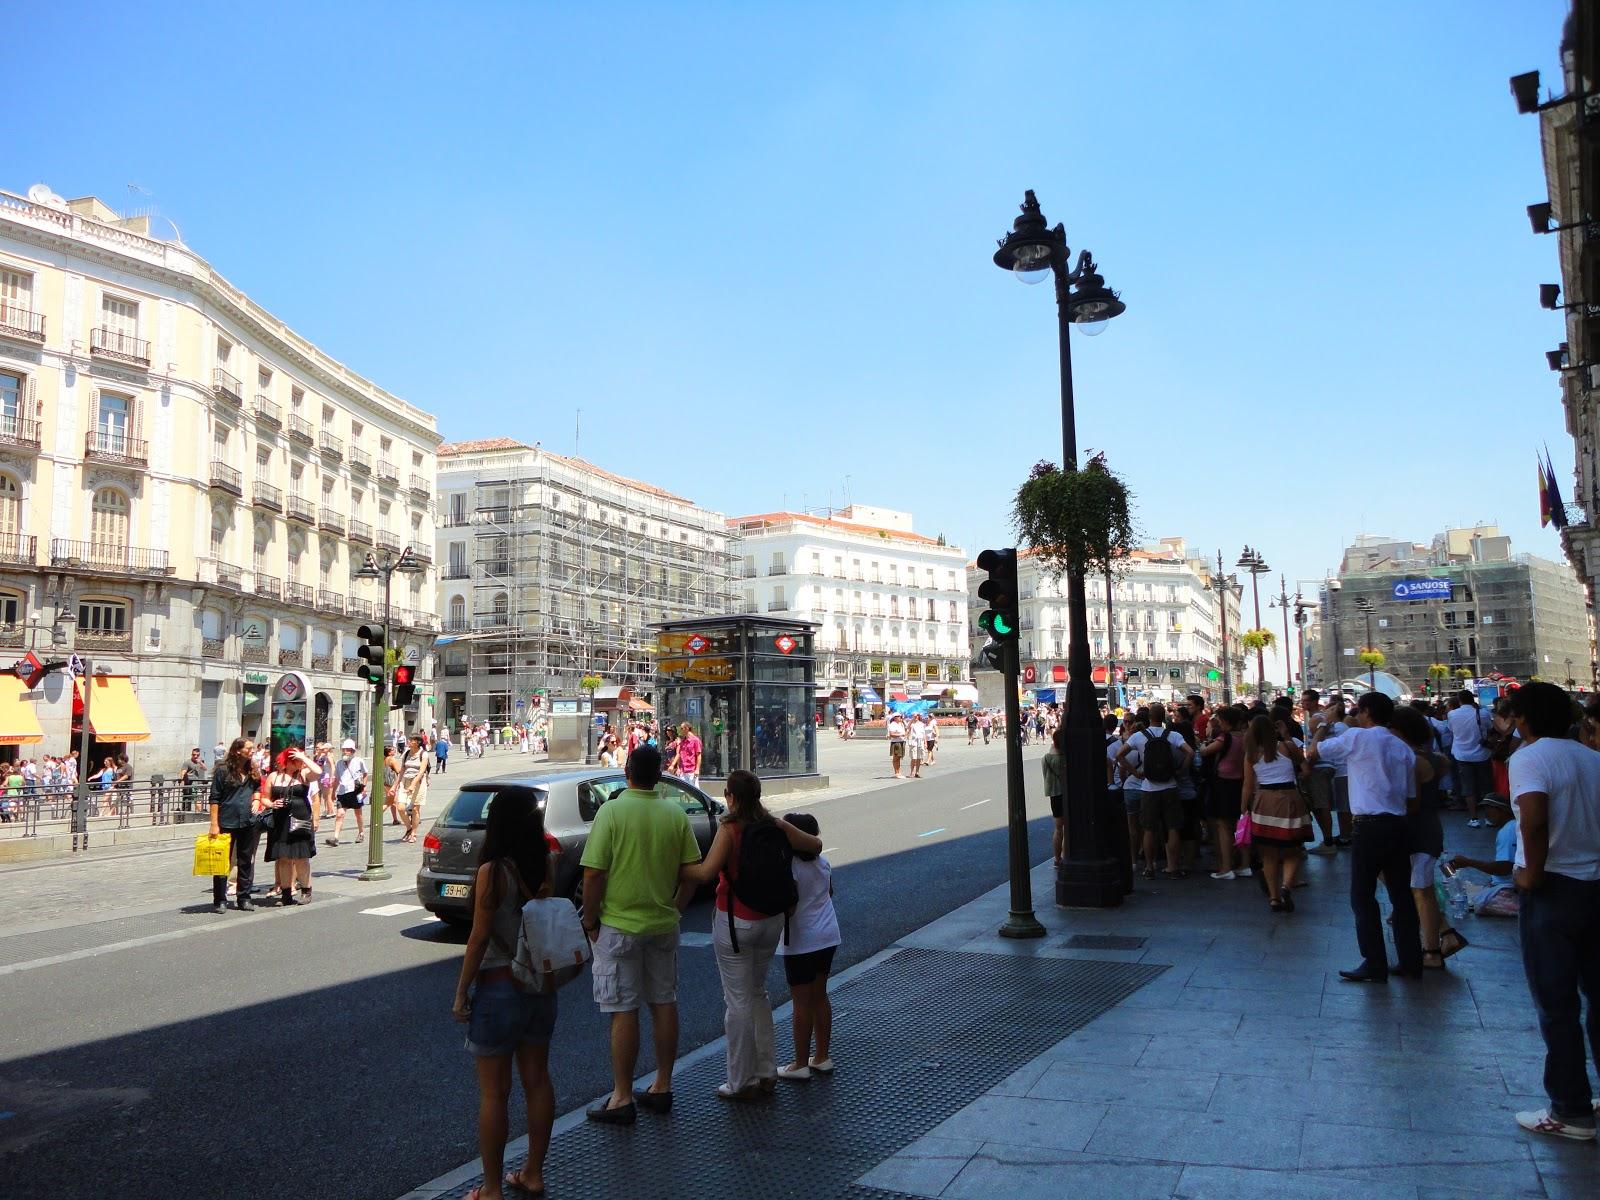 Viagens xl viagem a madrid dia 2 for Puerta del sol 4